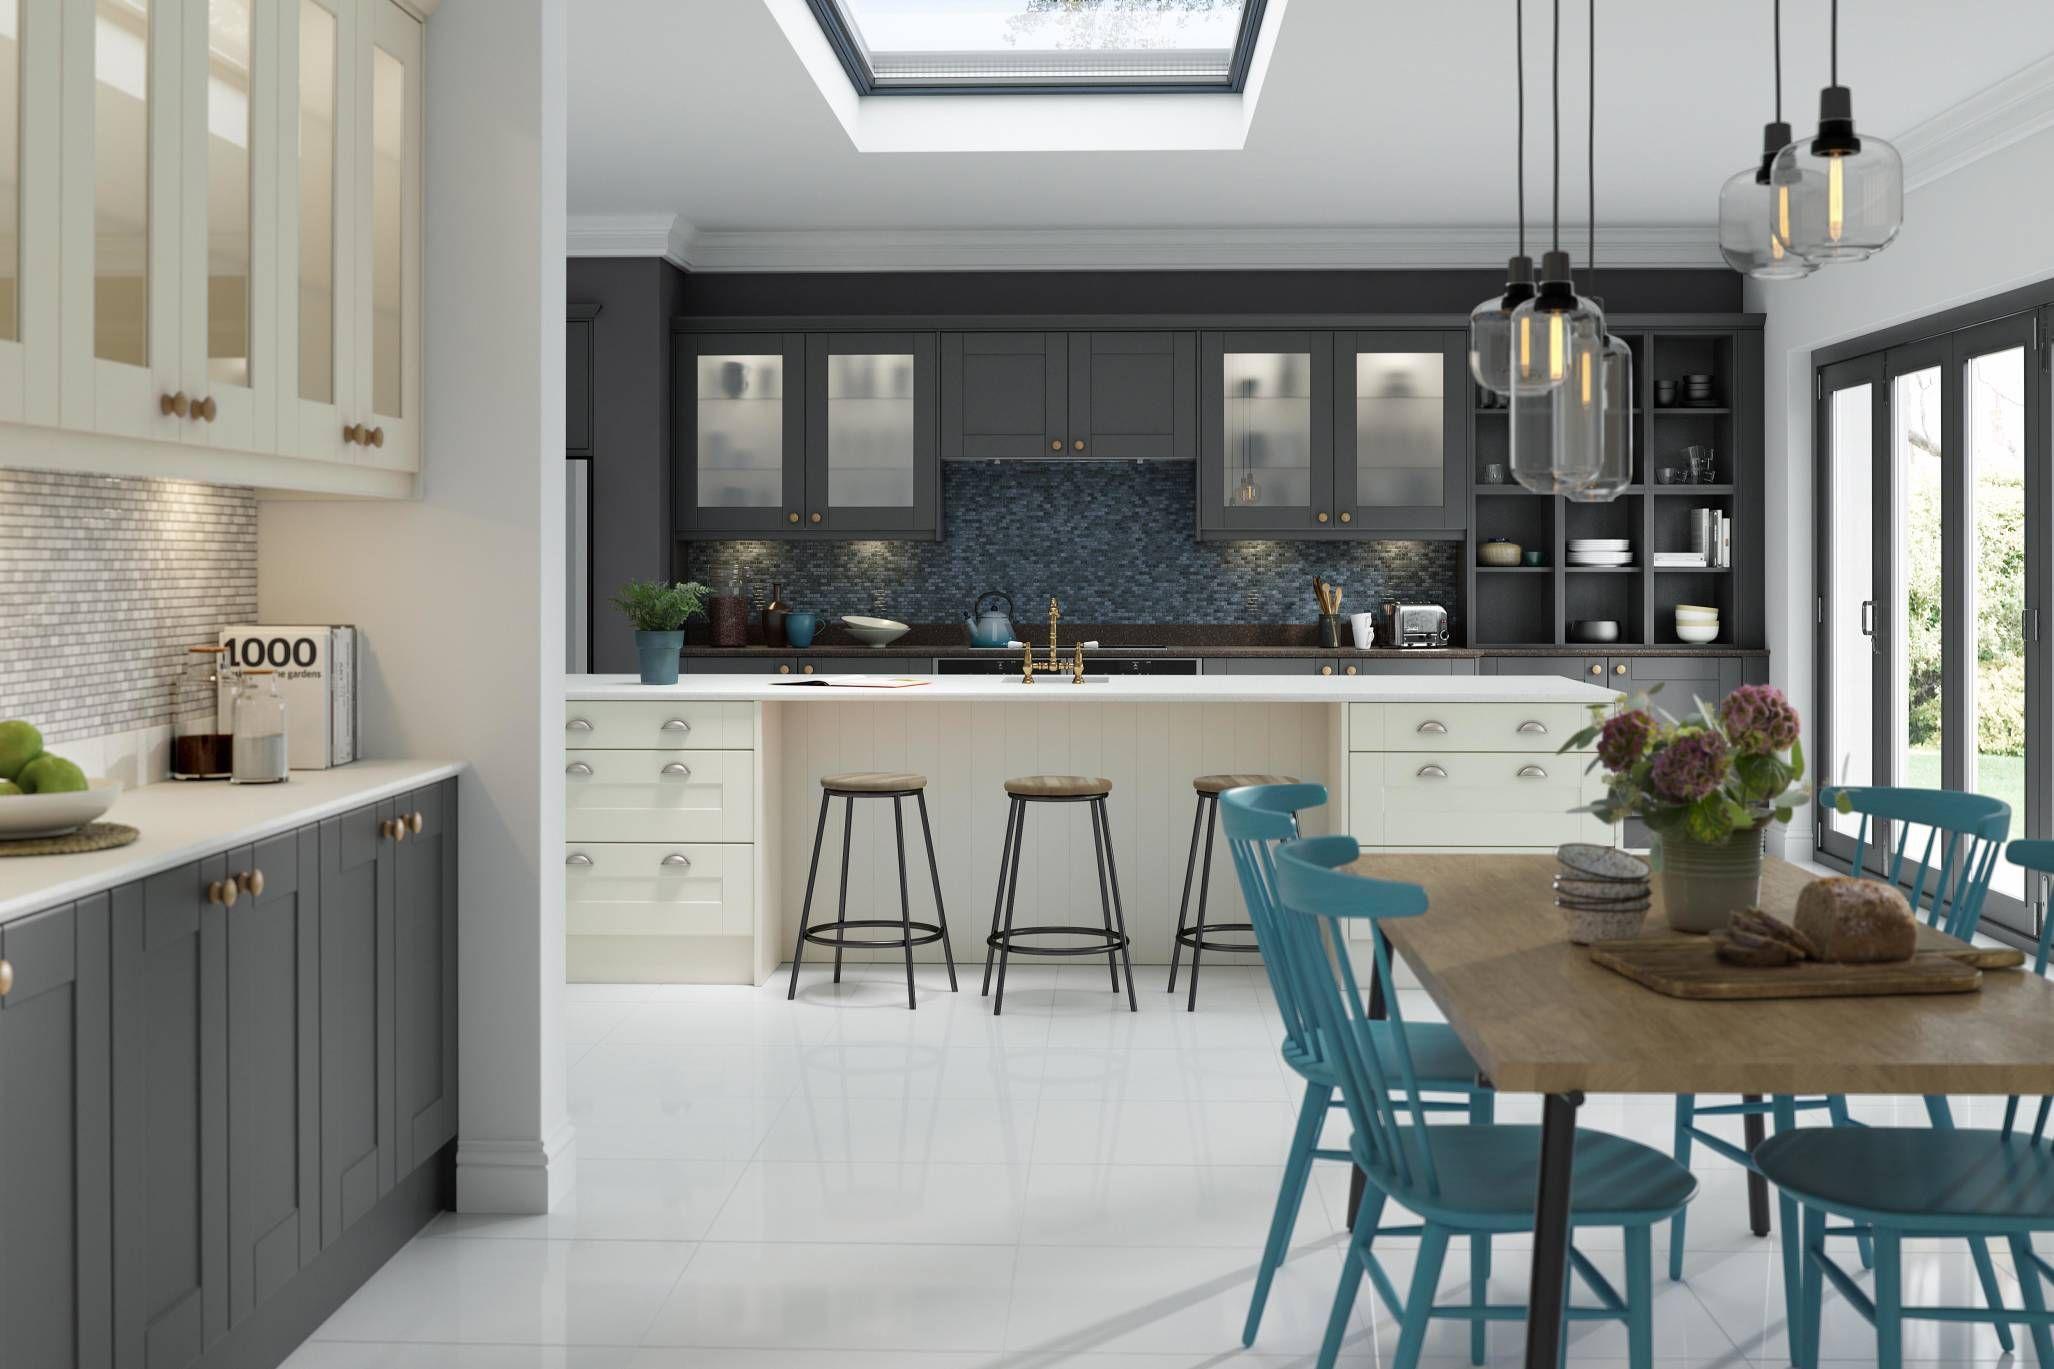 Wren Kitchens South London